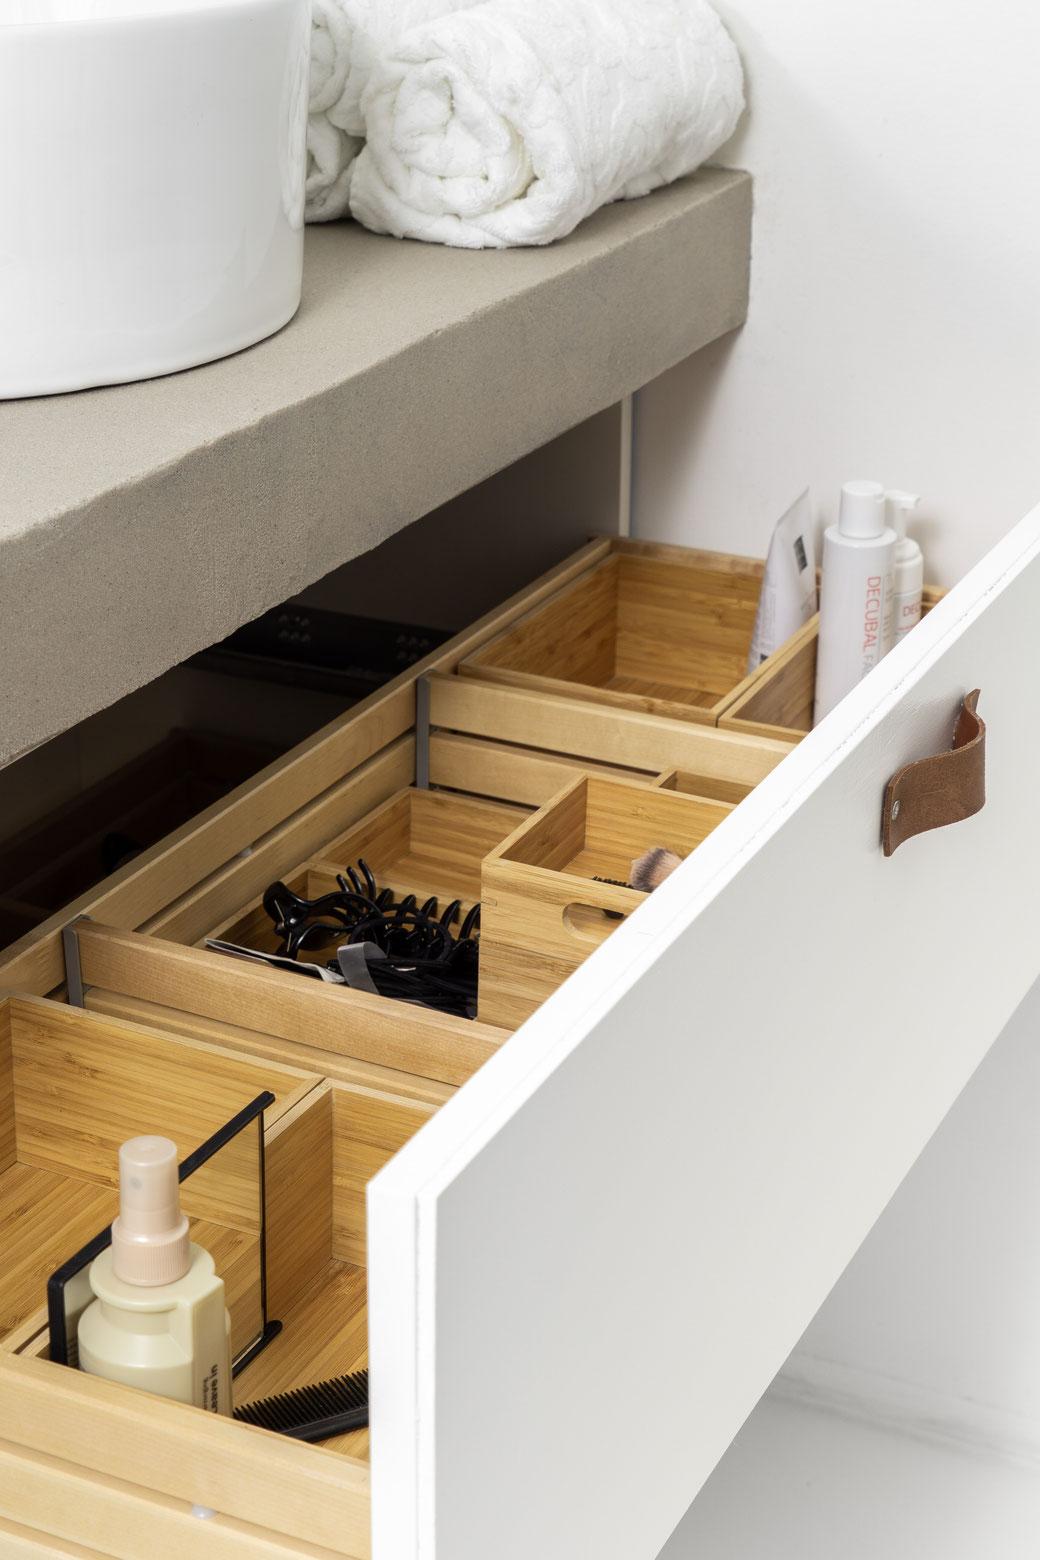 betoncire in badkamer toepassen